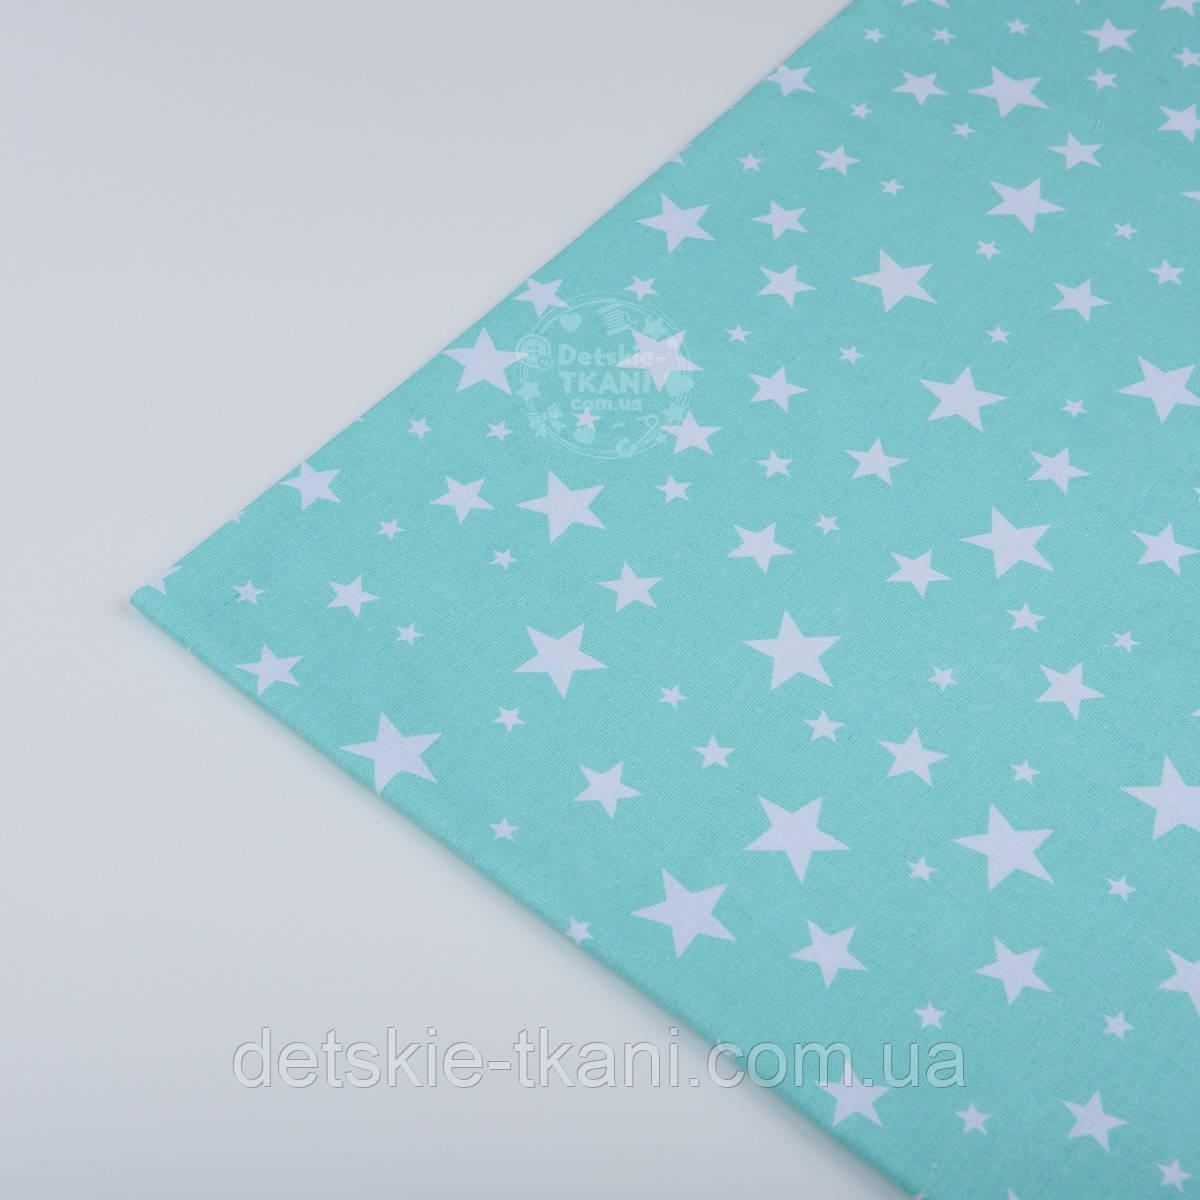 """Відріз бязі """"Зоряна розсип"""" з білими зірочками, фон тканини - м'ятний, № 991, розмір 55 * 160 см"""